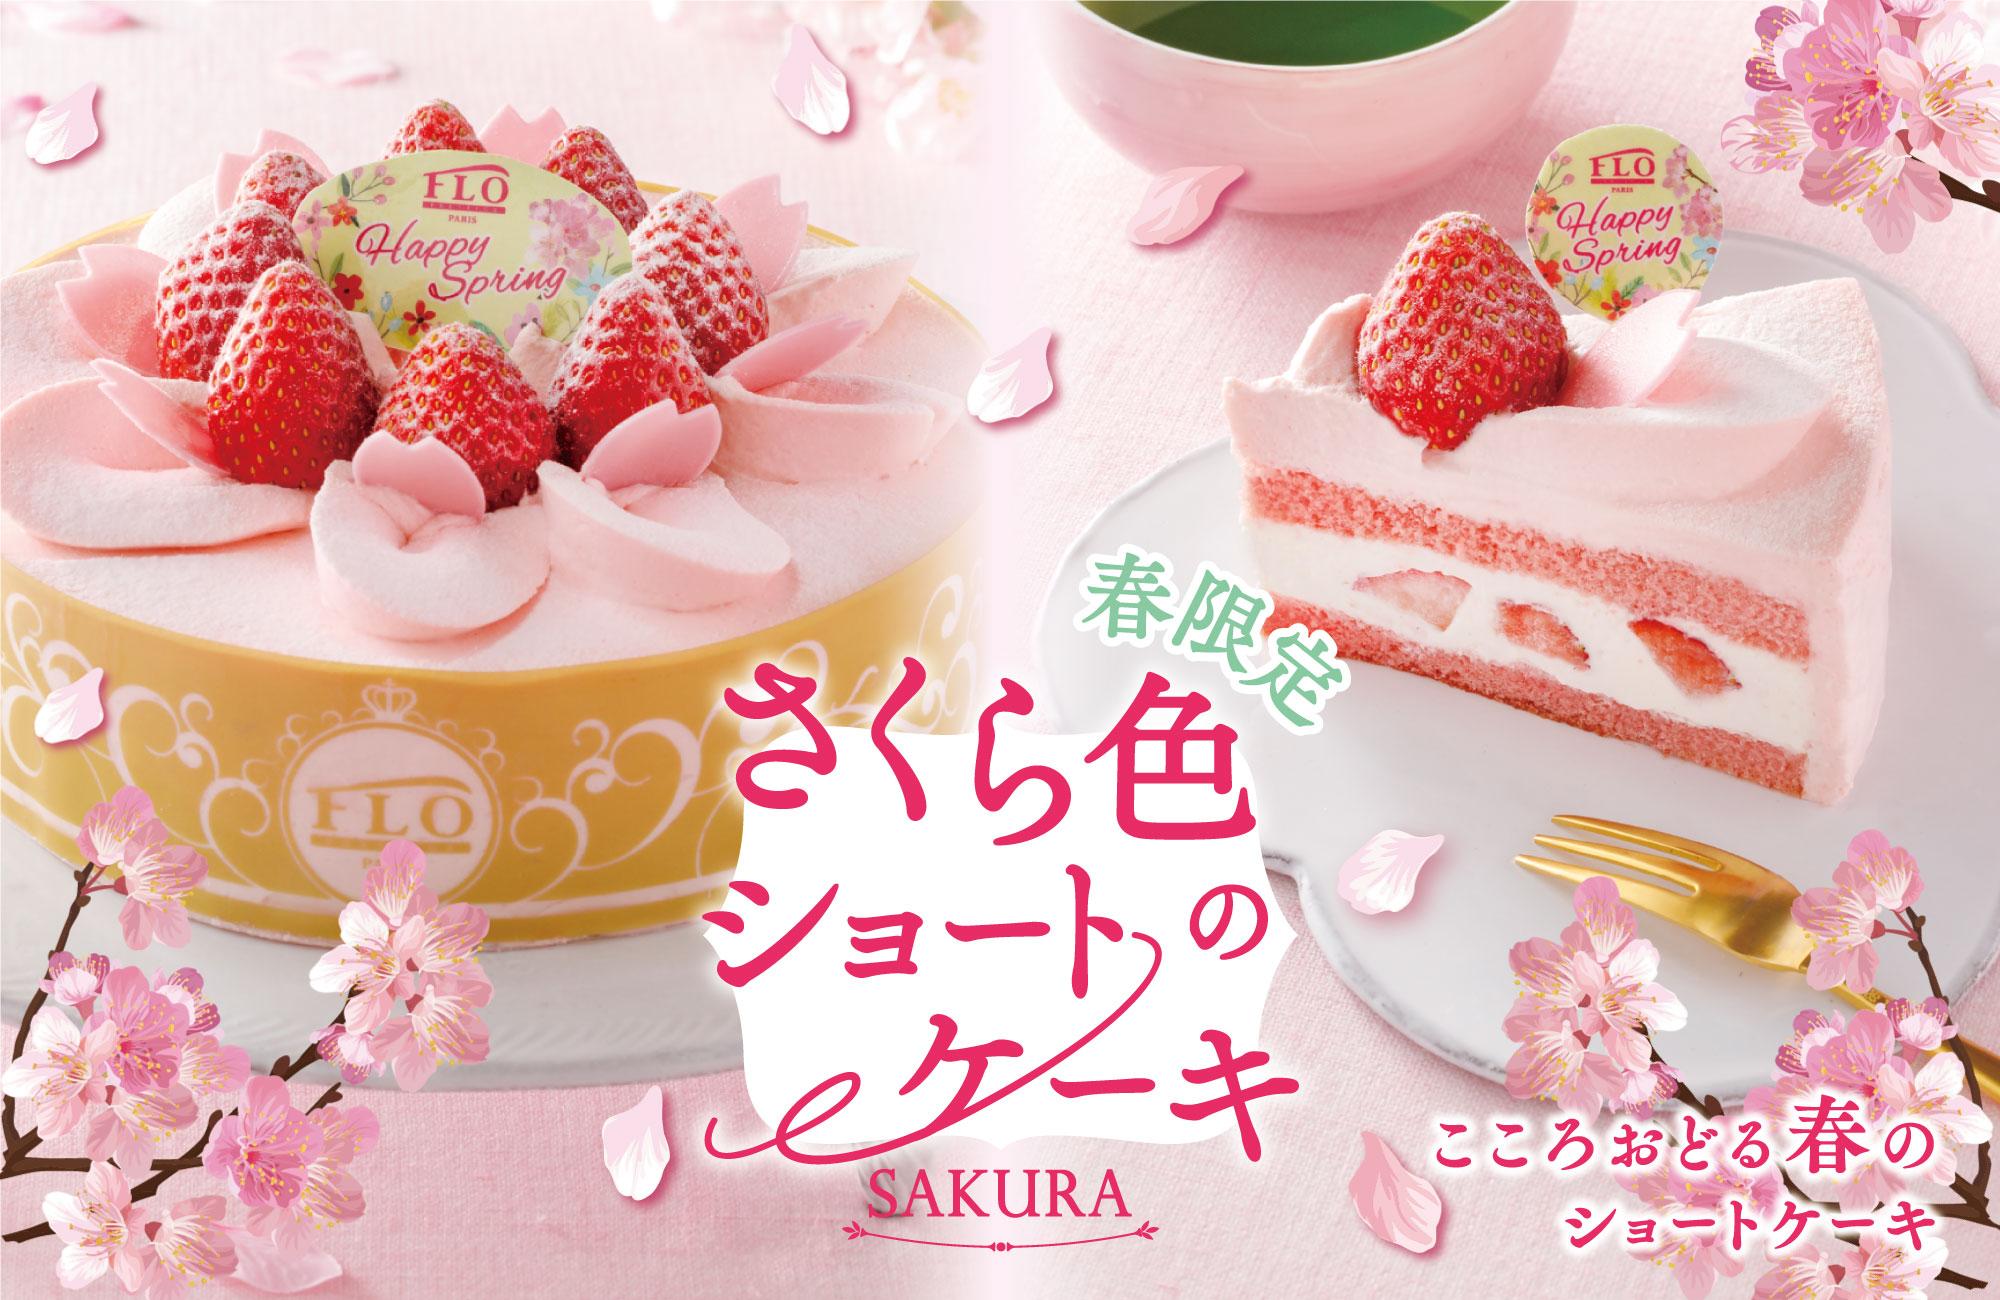 https://www.flojapon.co.jp/dcms_media/image/kv_sakurashort_SP_2000x1300.jpg